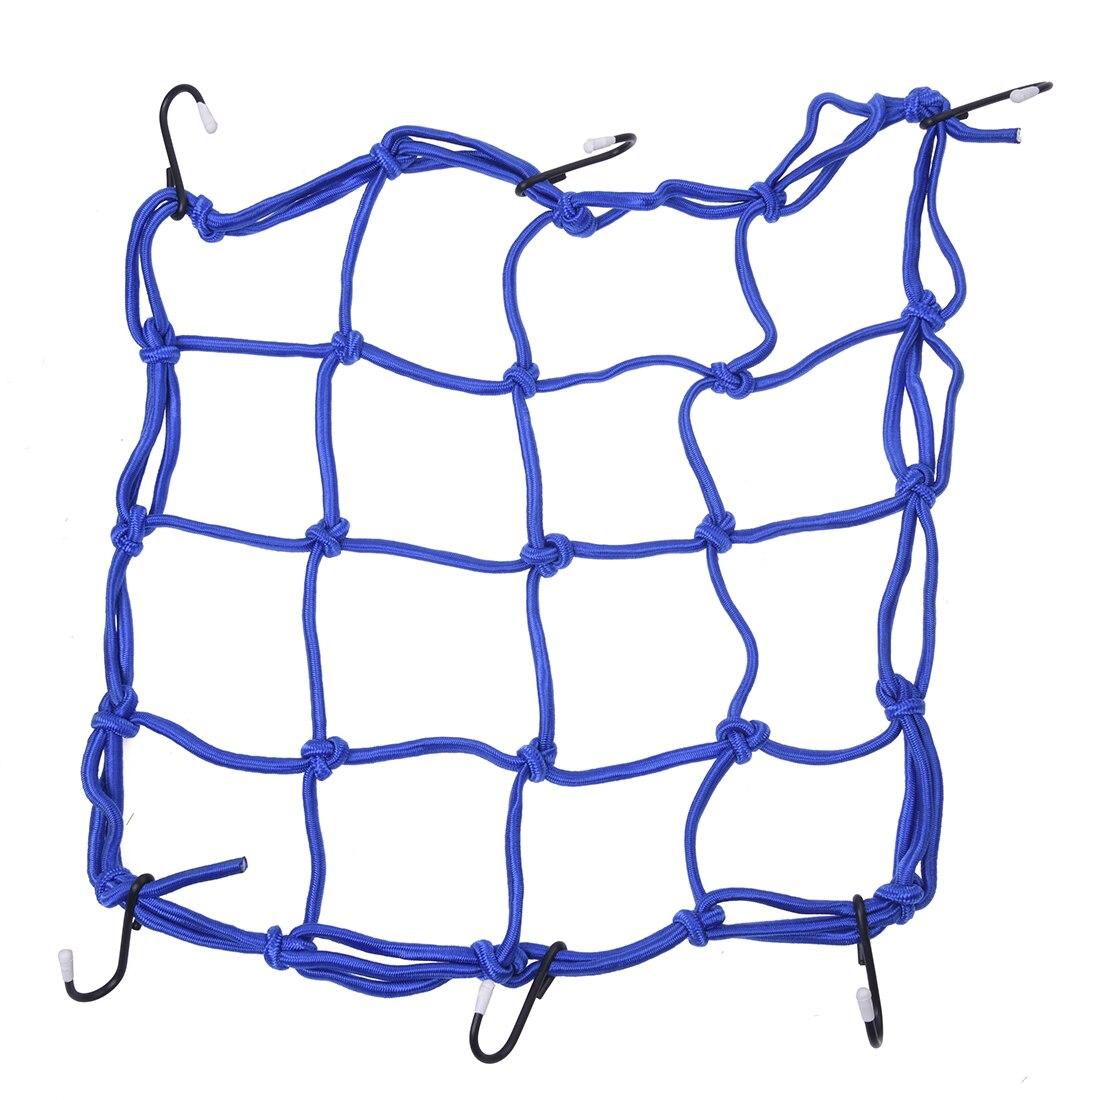 Багажная сетка для мото сетки Детская безопасность чистая напряжение Механические приводы сетка синий Новый